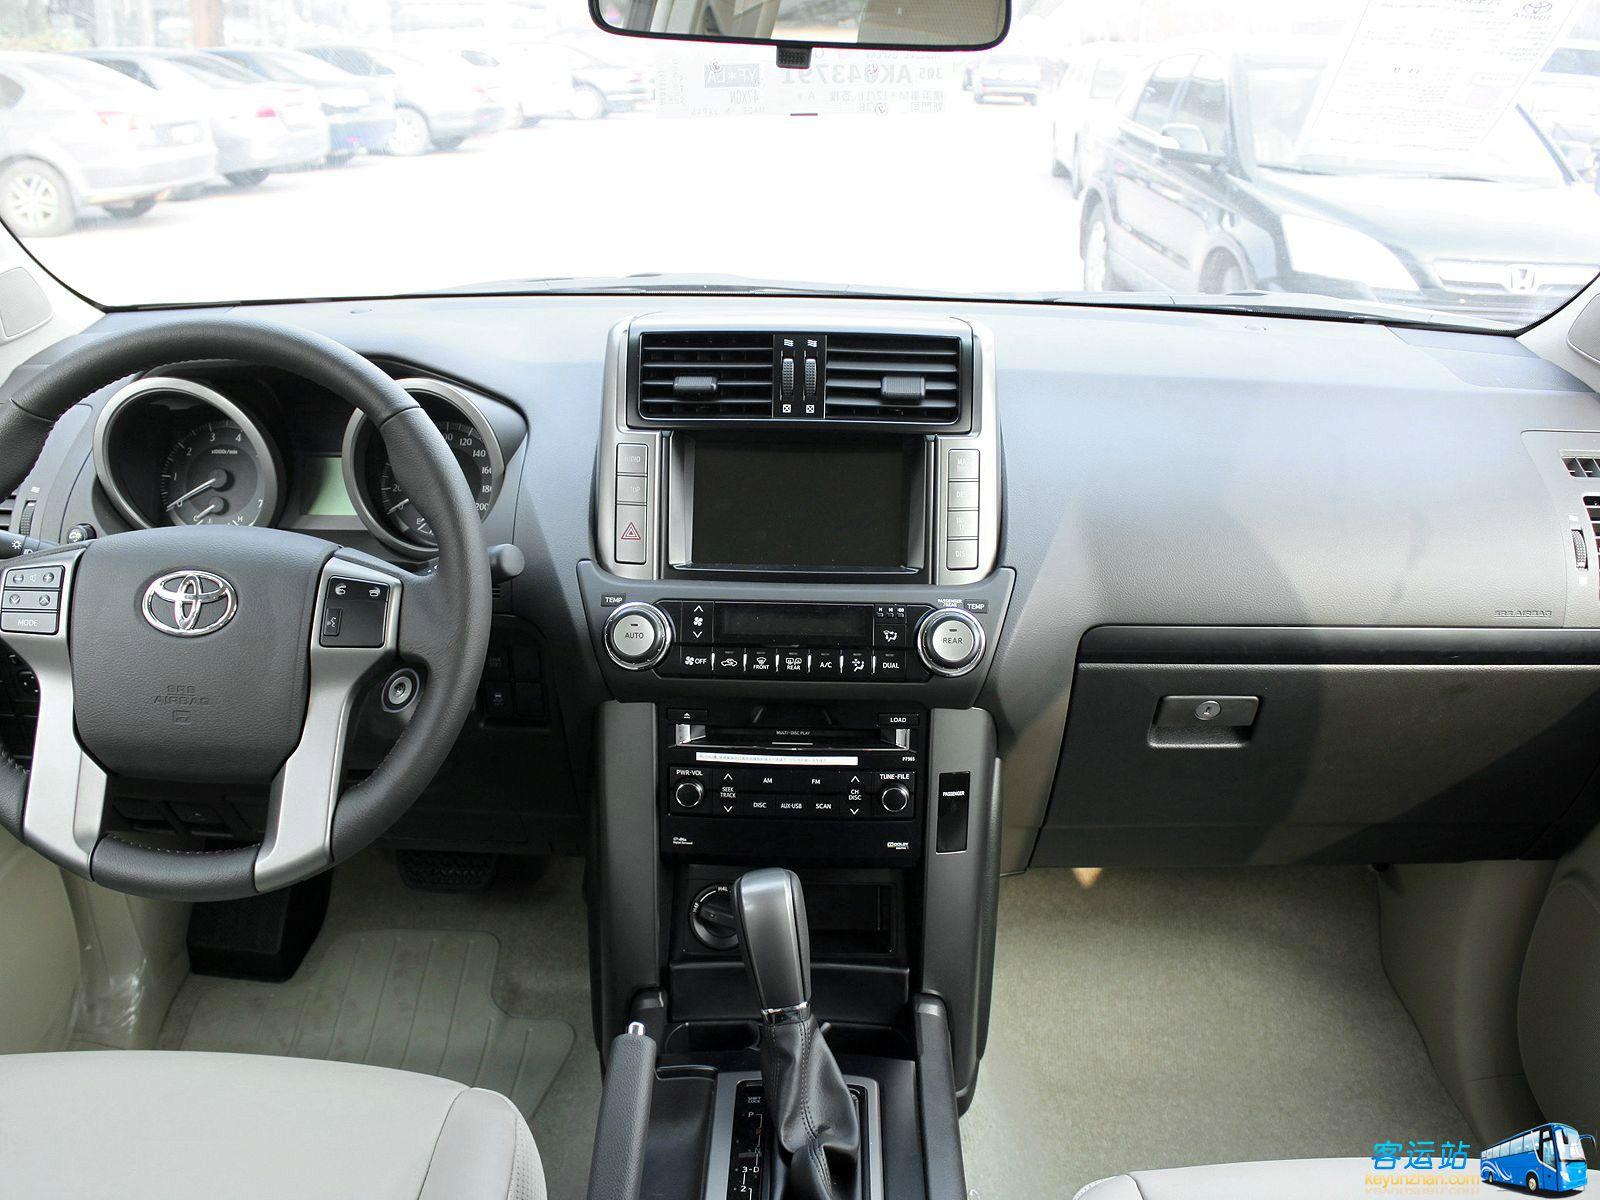 普拉多 进口 普拉多 进口 进口丰田图片 进口丰田 丰田汽车高清图片